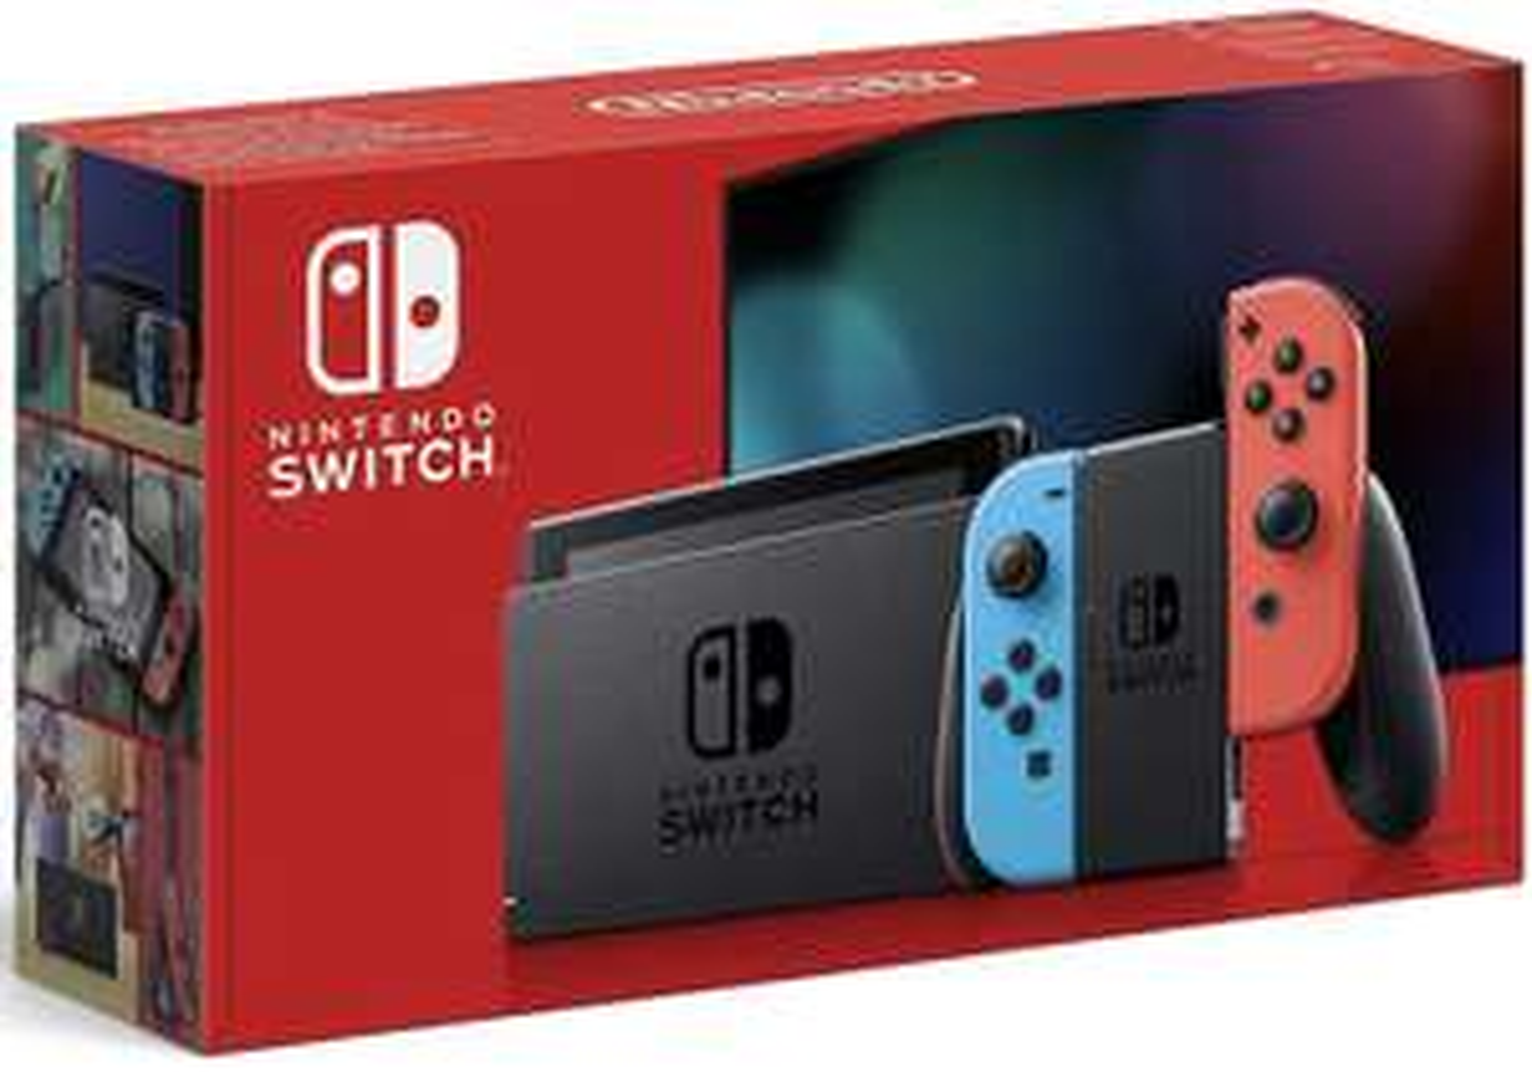 10% Rabatt auf Gaming ab 17.06. bei ebay - z.B. Nintendo Switch Konsole rot/blau für 291,55€